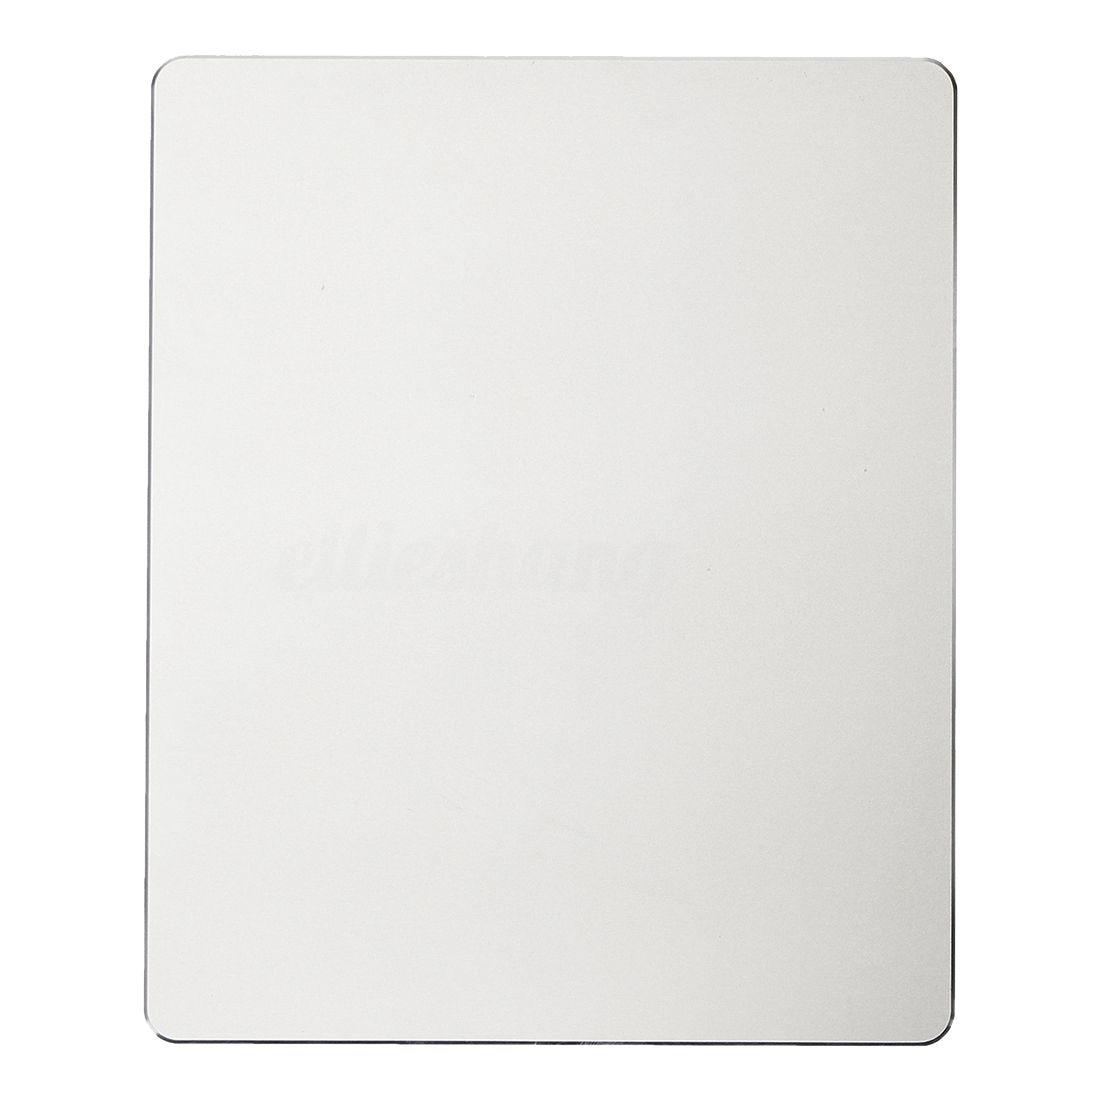 Алюминий сплава площадку Мышь коврик игровой коврик Мышь Мыши для ноутбуков настольных ПК ...